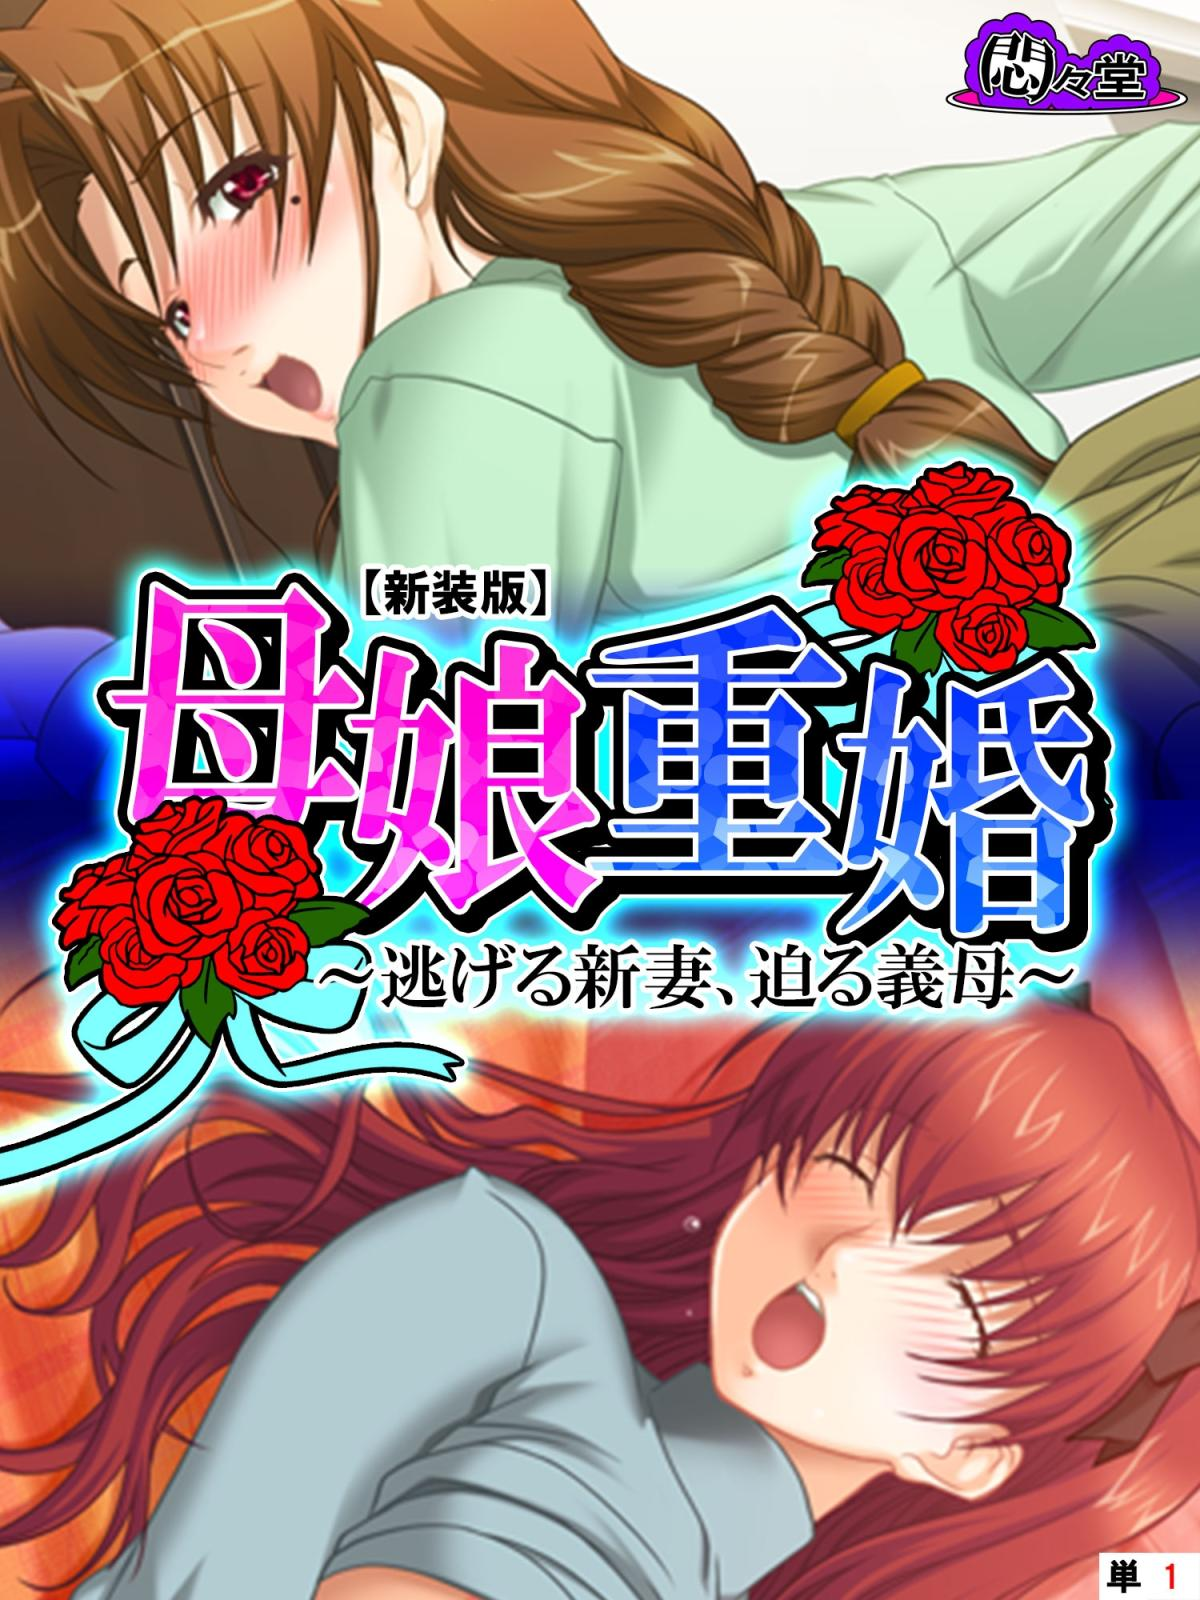 【新装版】母娘重婚 ~逃げる新妻、迫る義母~ (単話)(1)